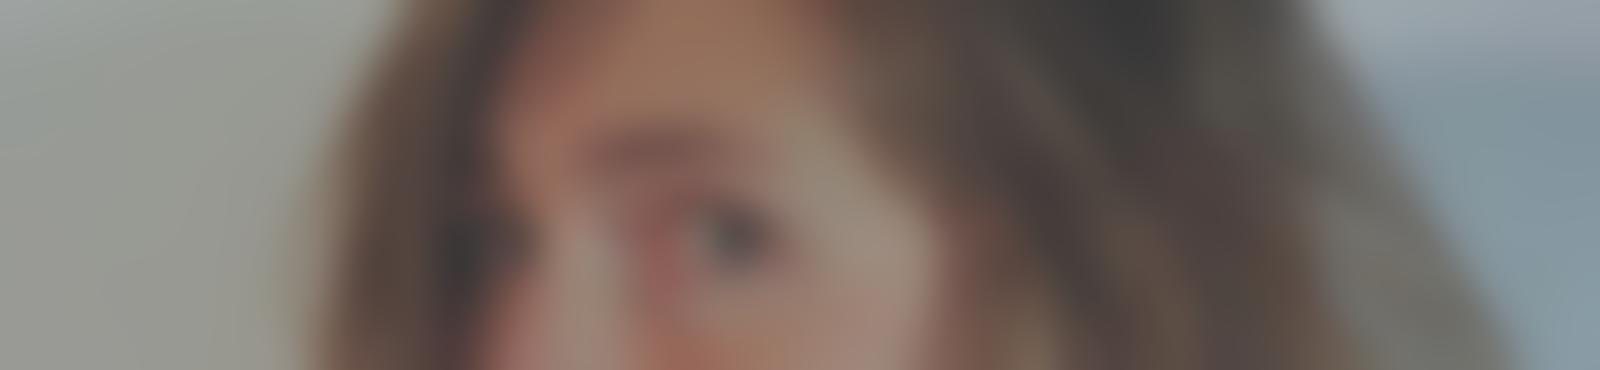 Blurred b2f391d5 7e08 4707 a126 dbaeaed7b070